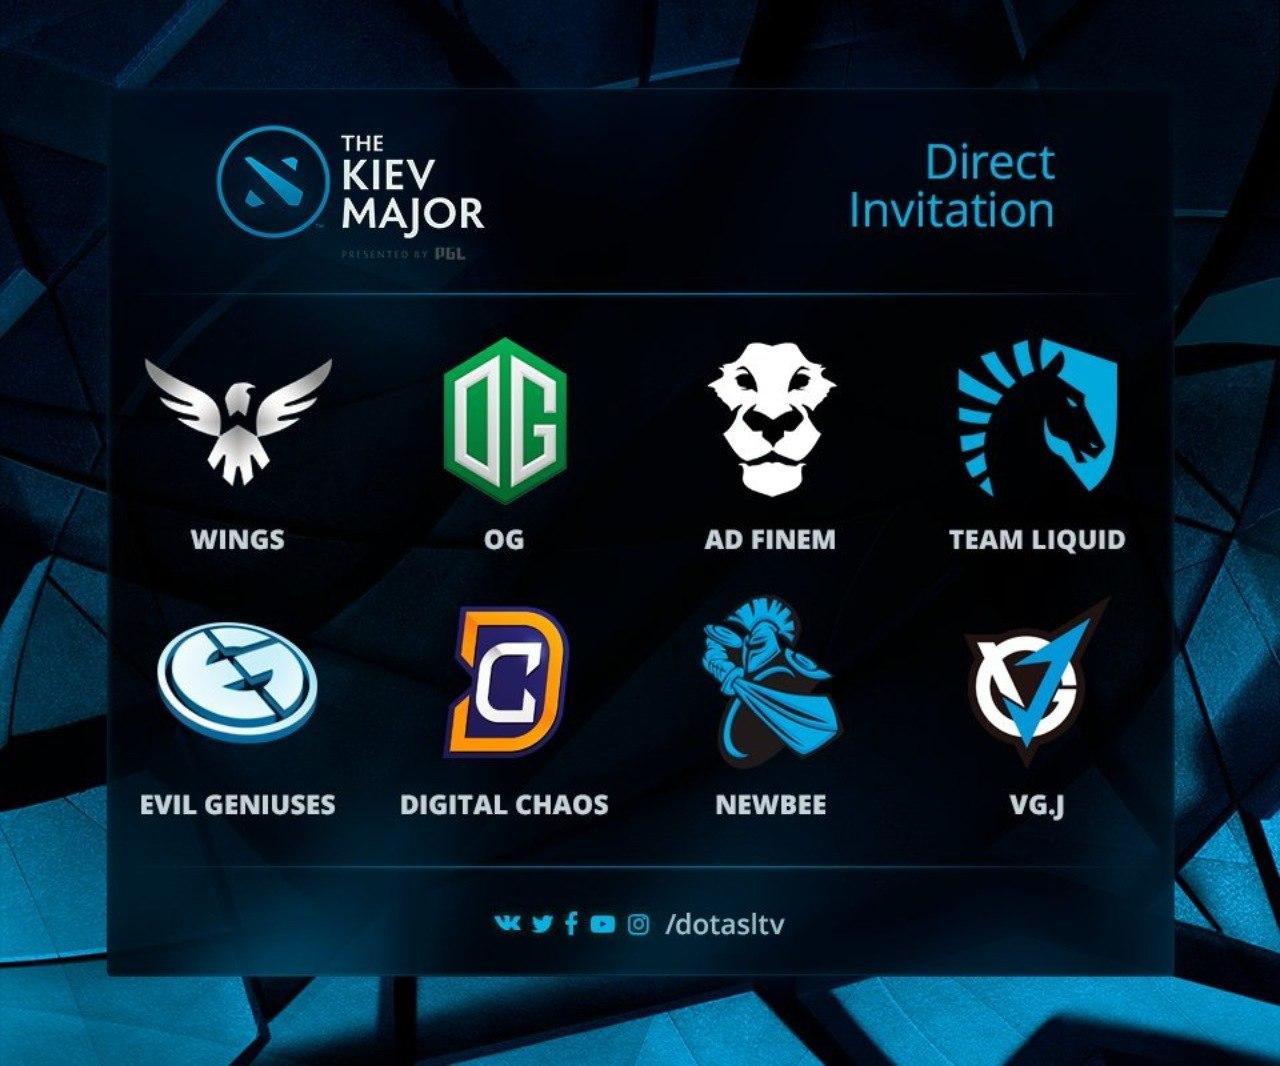 Сегодня компания Valve разослала приглашения на предстоящий Major турнир